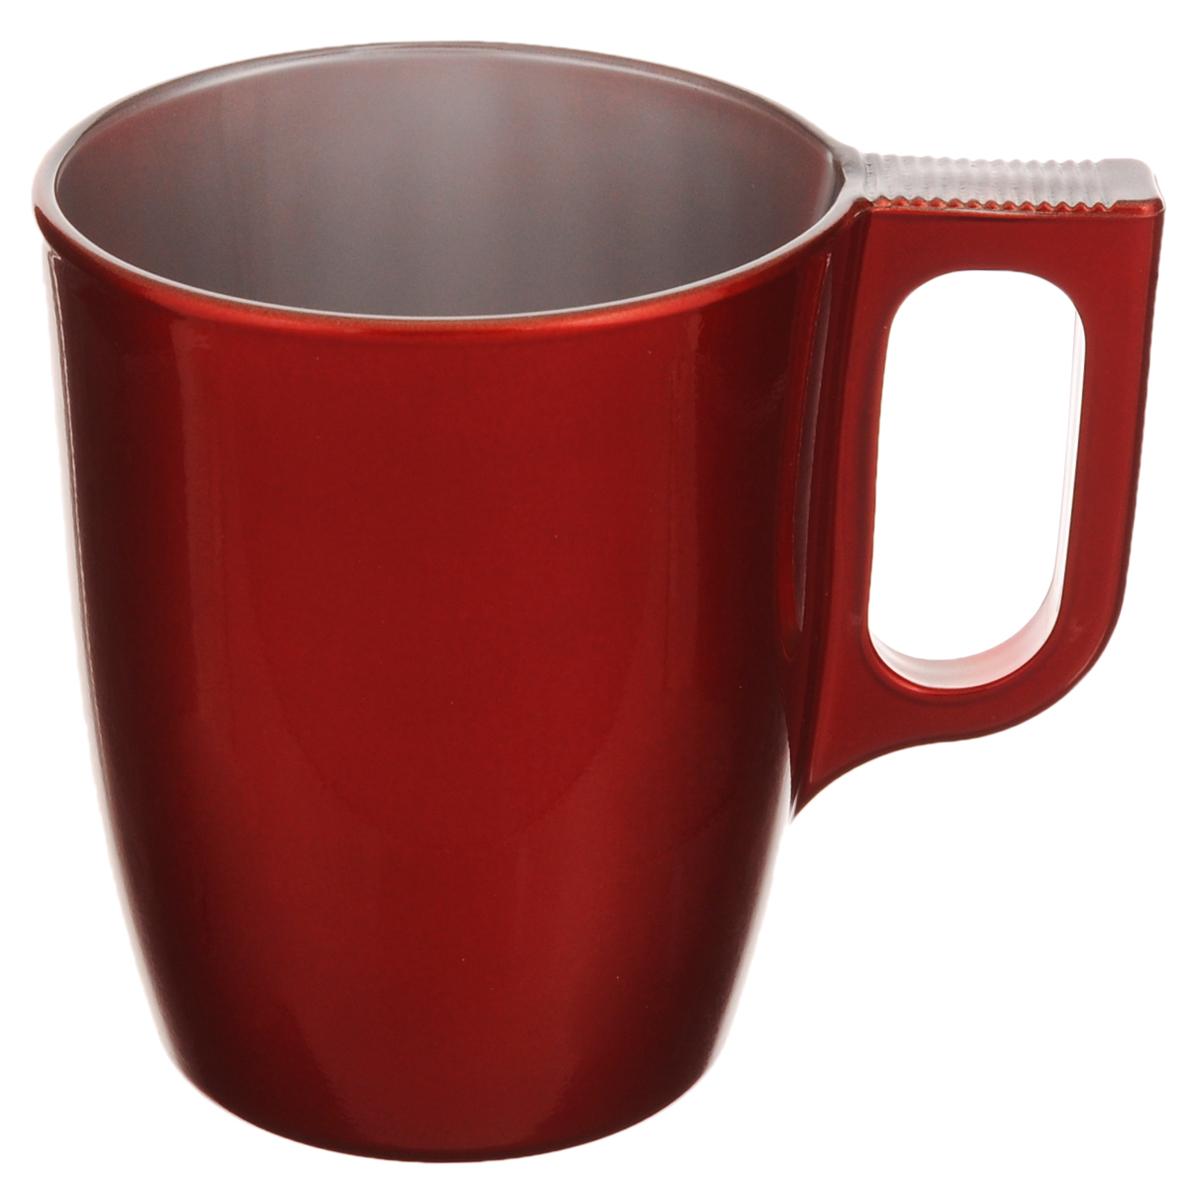 Кружка Luminarc Flashy Colors, цвет: красный, 250 млJ1121Кружка Luminarc Flashy Colors, изготовленная из высококачественного стекла, оснащена эргономичной ручкой. Кружка прекрасно дополнит интерьер любой кухни. Яркий дизайн изделия придется по вкусу и ценителям классики, и тем, кто предпочитает утонченность и изысканность. Диаметр кружки (по верхнему краю): 7,5 см. Высота кружки: 9,2 см.